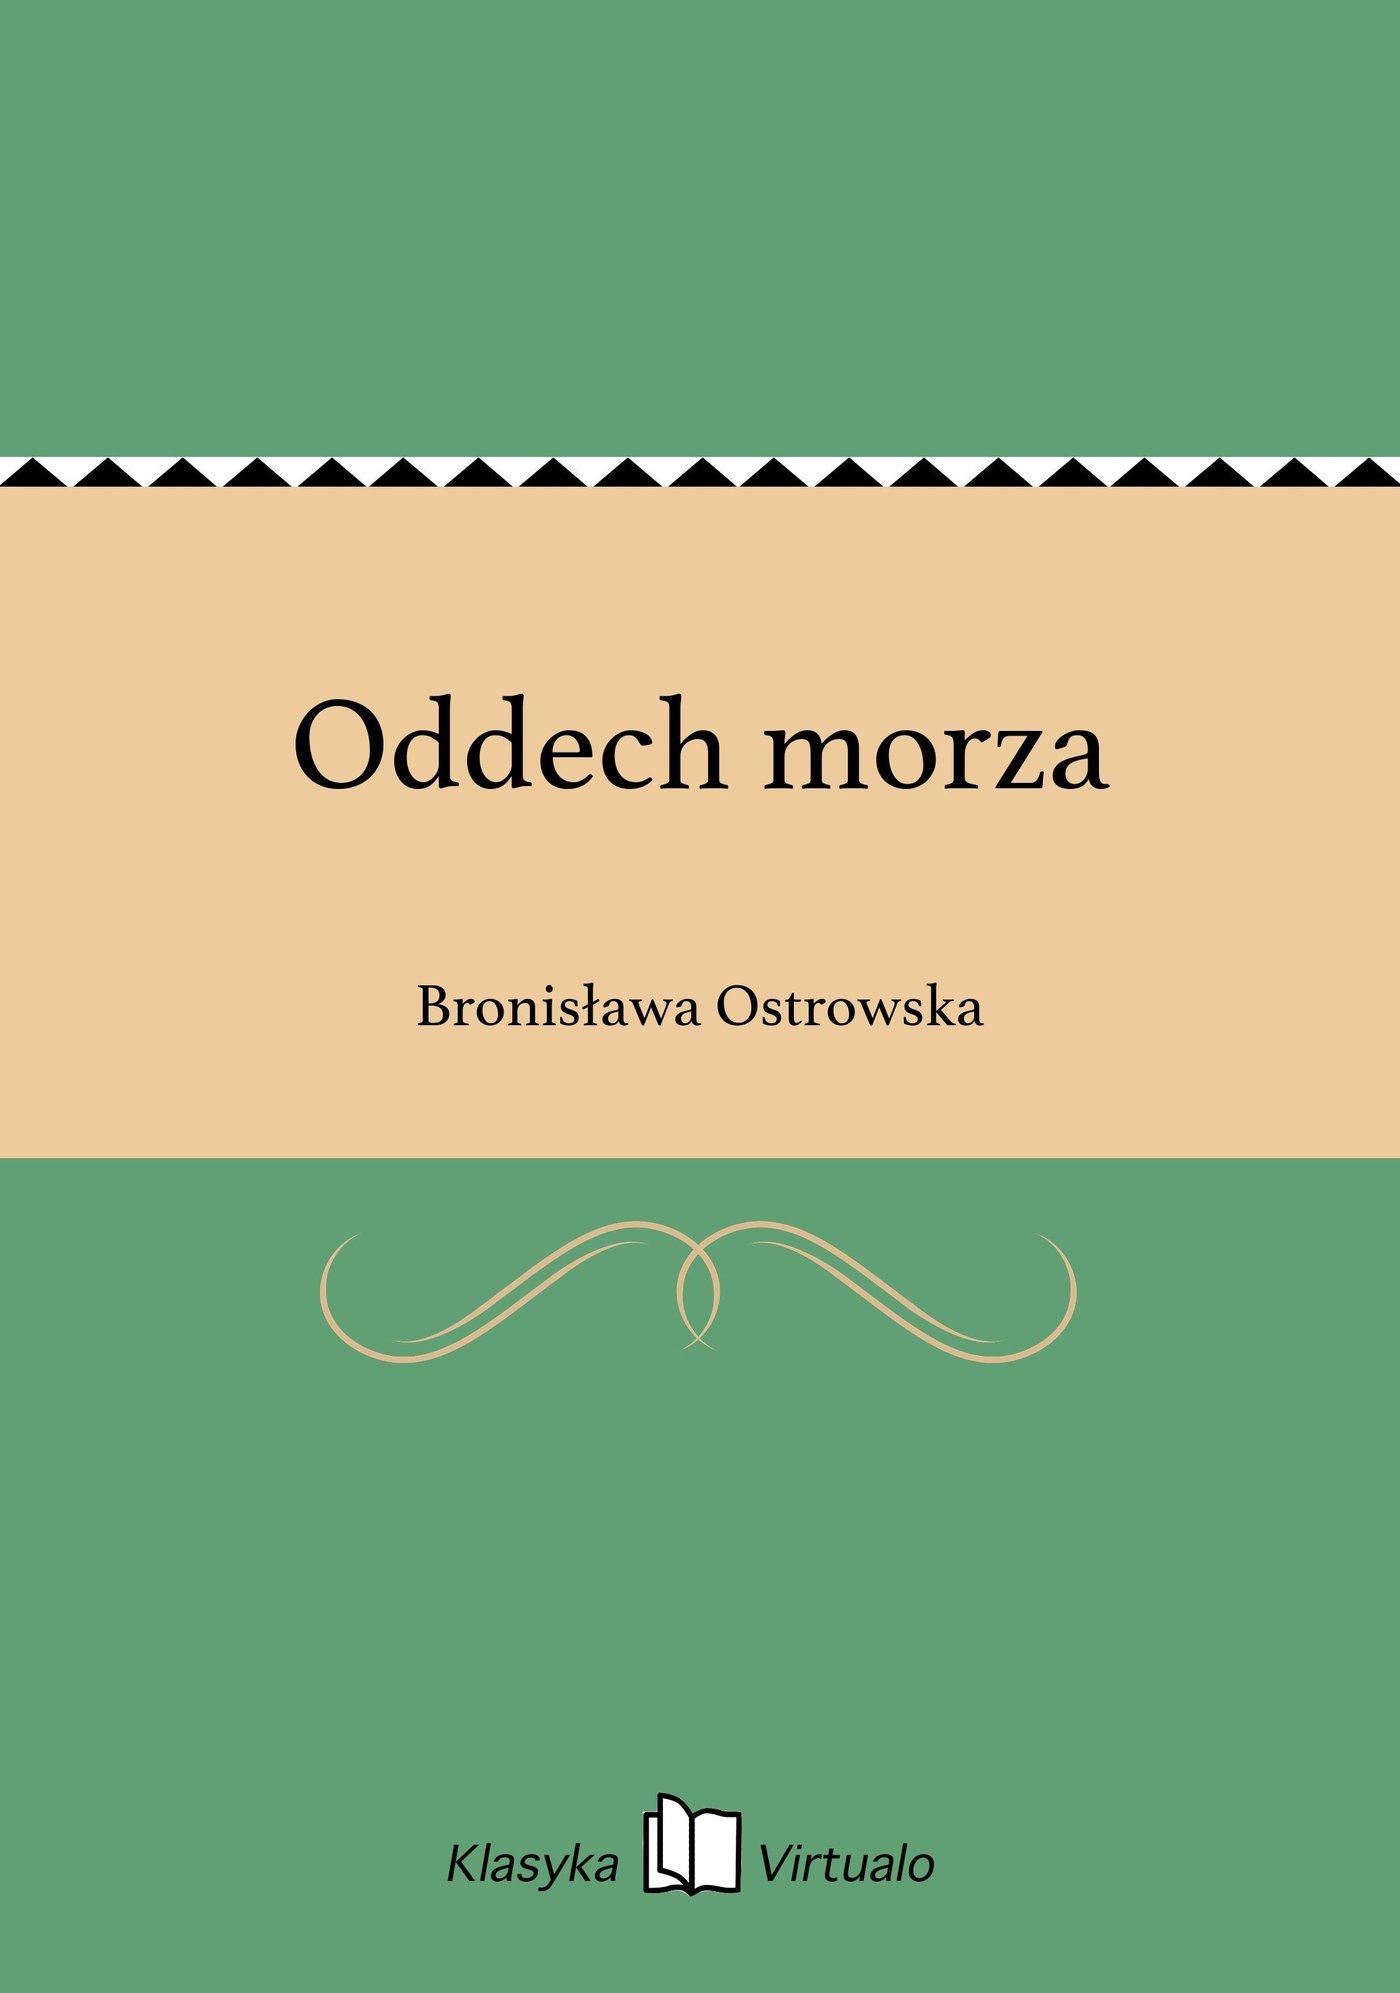 Oddech morza - Ebook (Książka EPUB) do pobrania w formacie EPUB